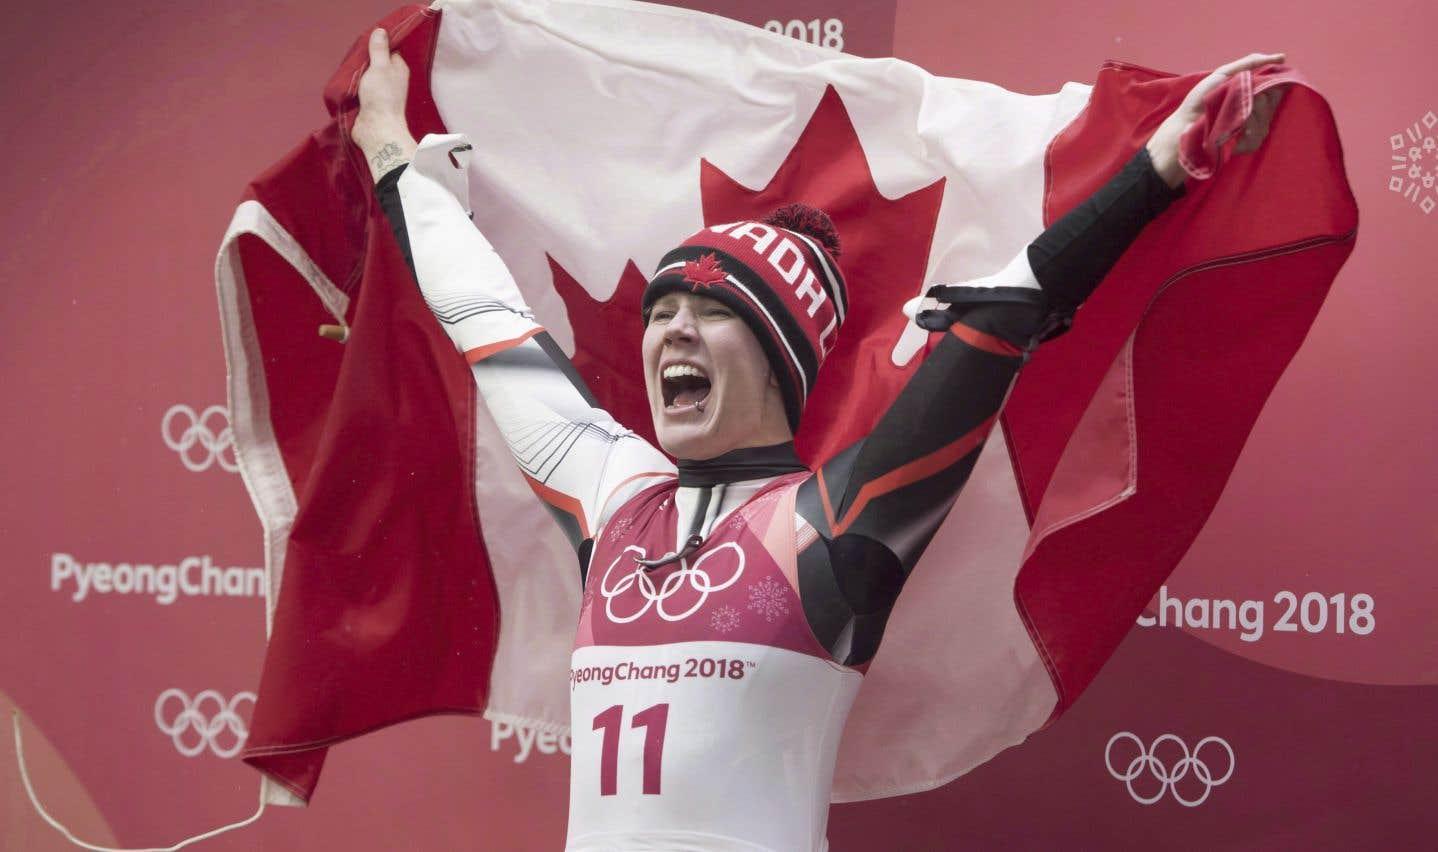 Alex Gough, de Calgary, a remporté à Pyeongchang la première médaille olympique de l'histoire du Canada en luge.